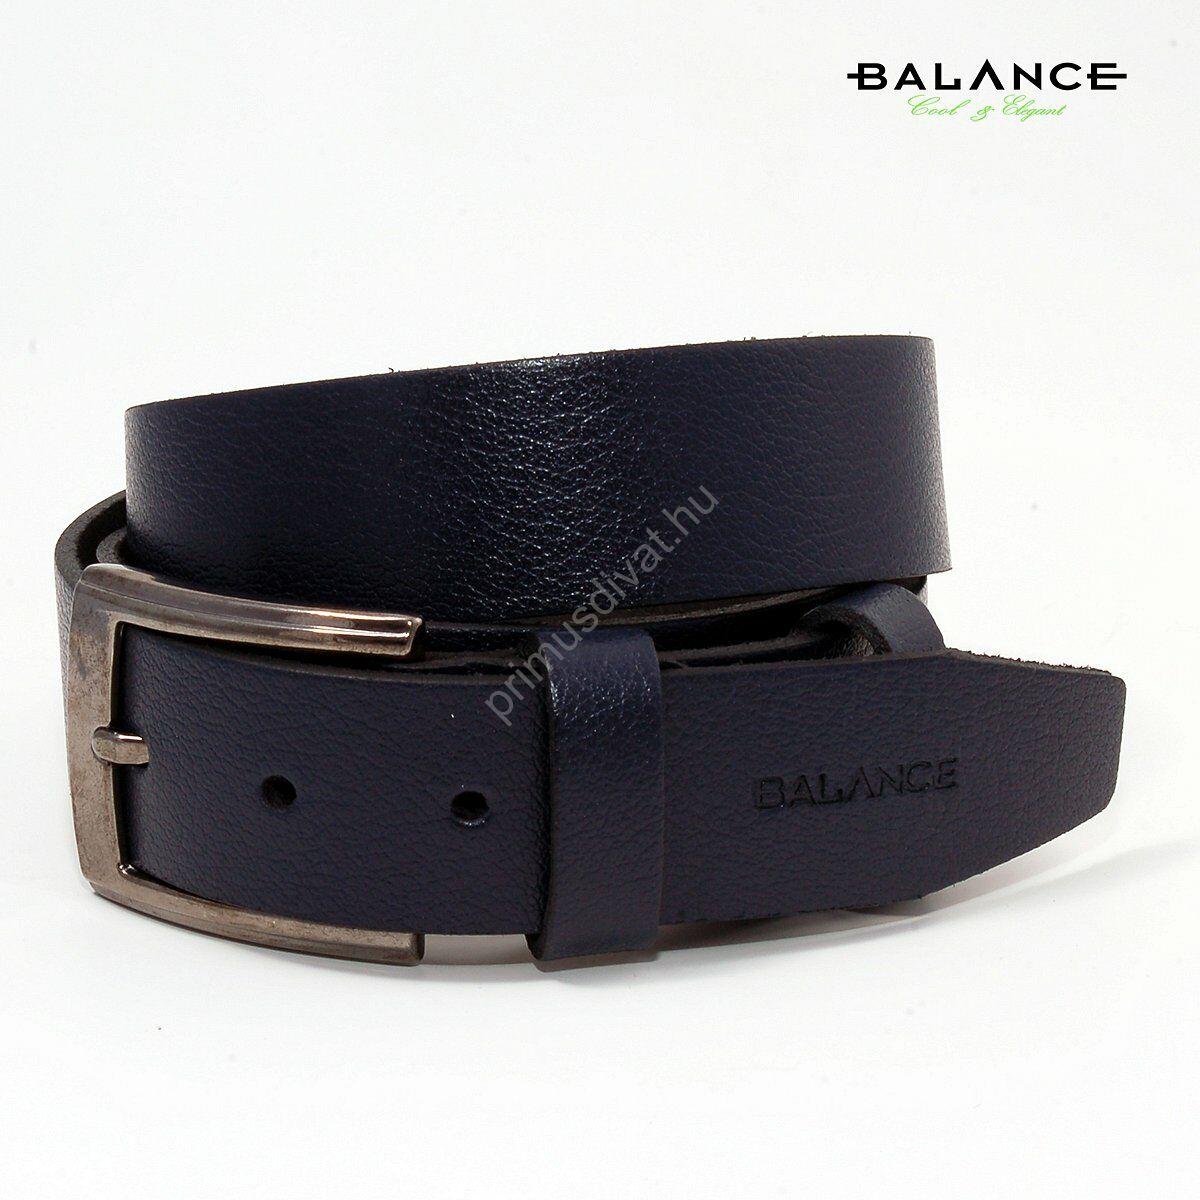 Balance nyelves csatos egyrétegű sötétkék bőr öv, márkafelirattal